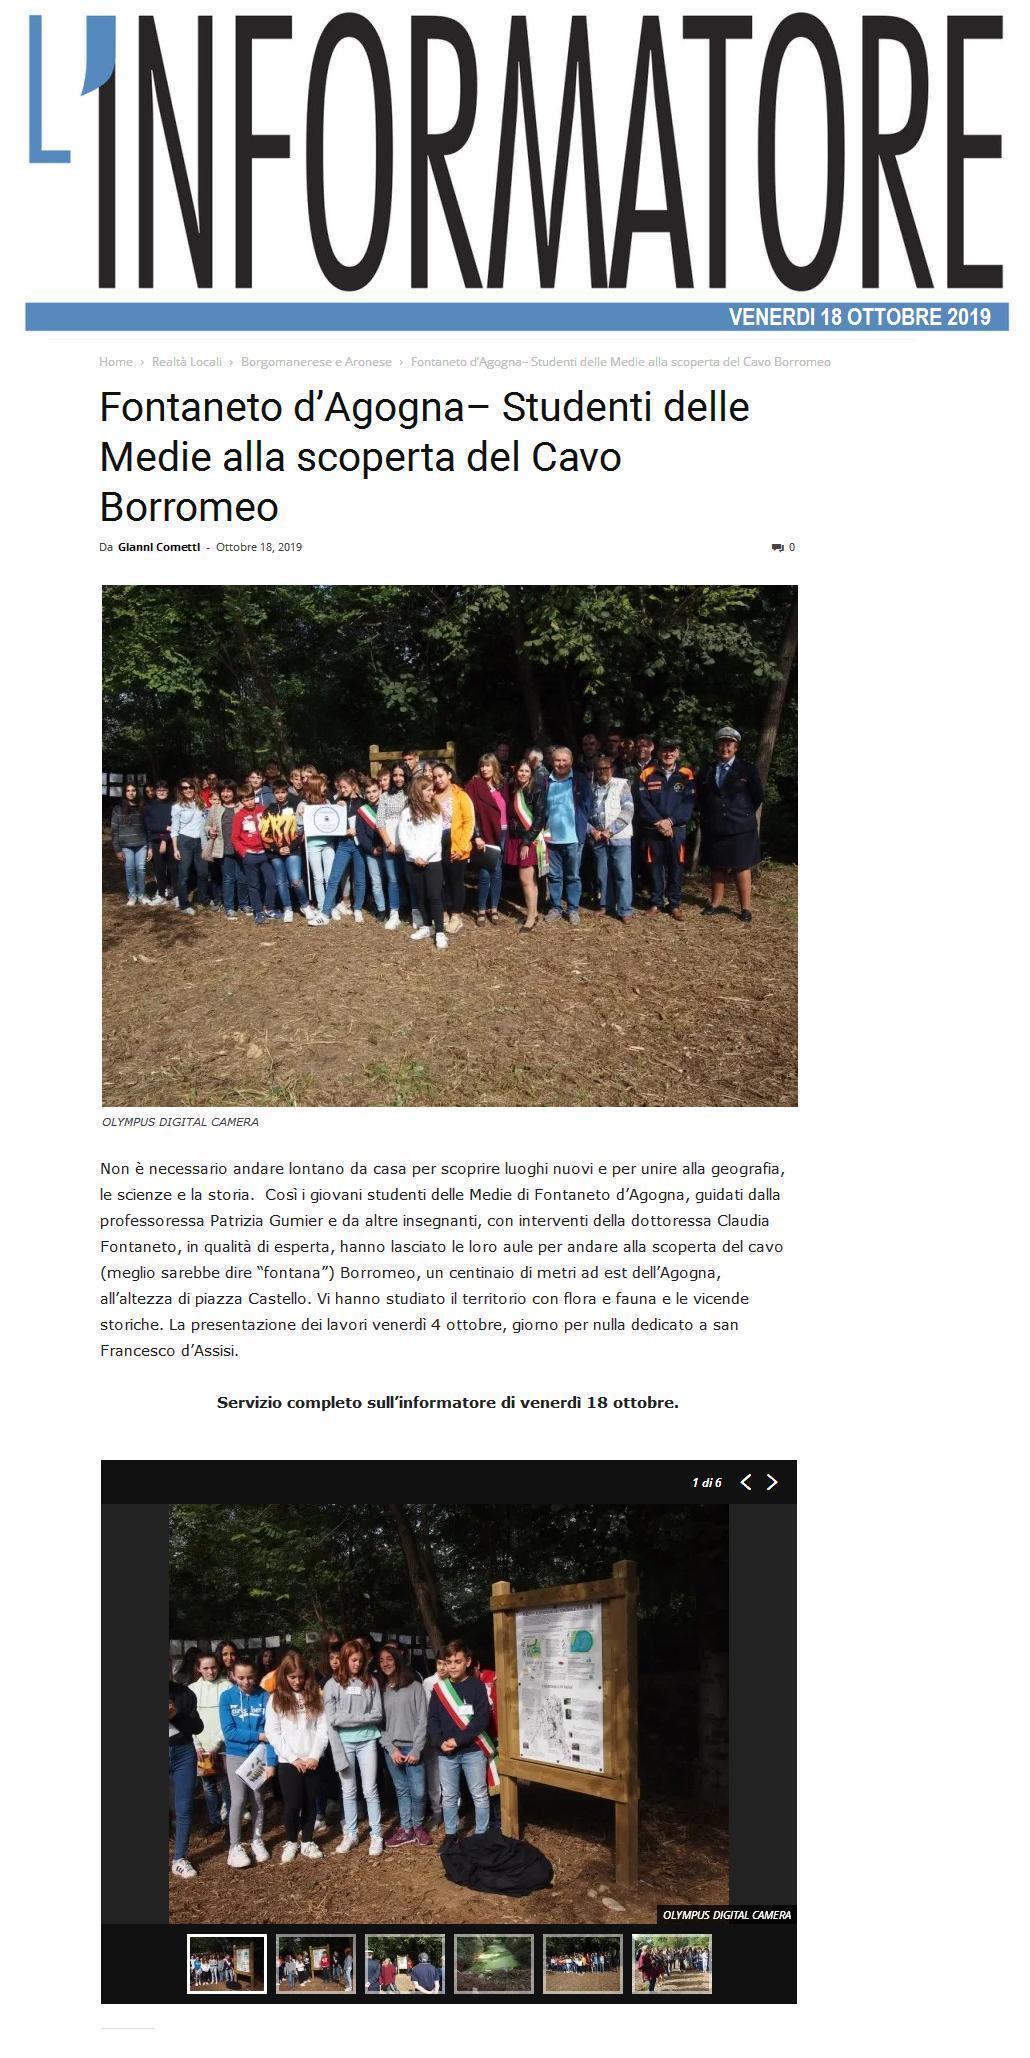 INFORMATORE: Fontaneto d'Agogna– Studenti delle Medie alla scoperta del Cavo Borromeo